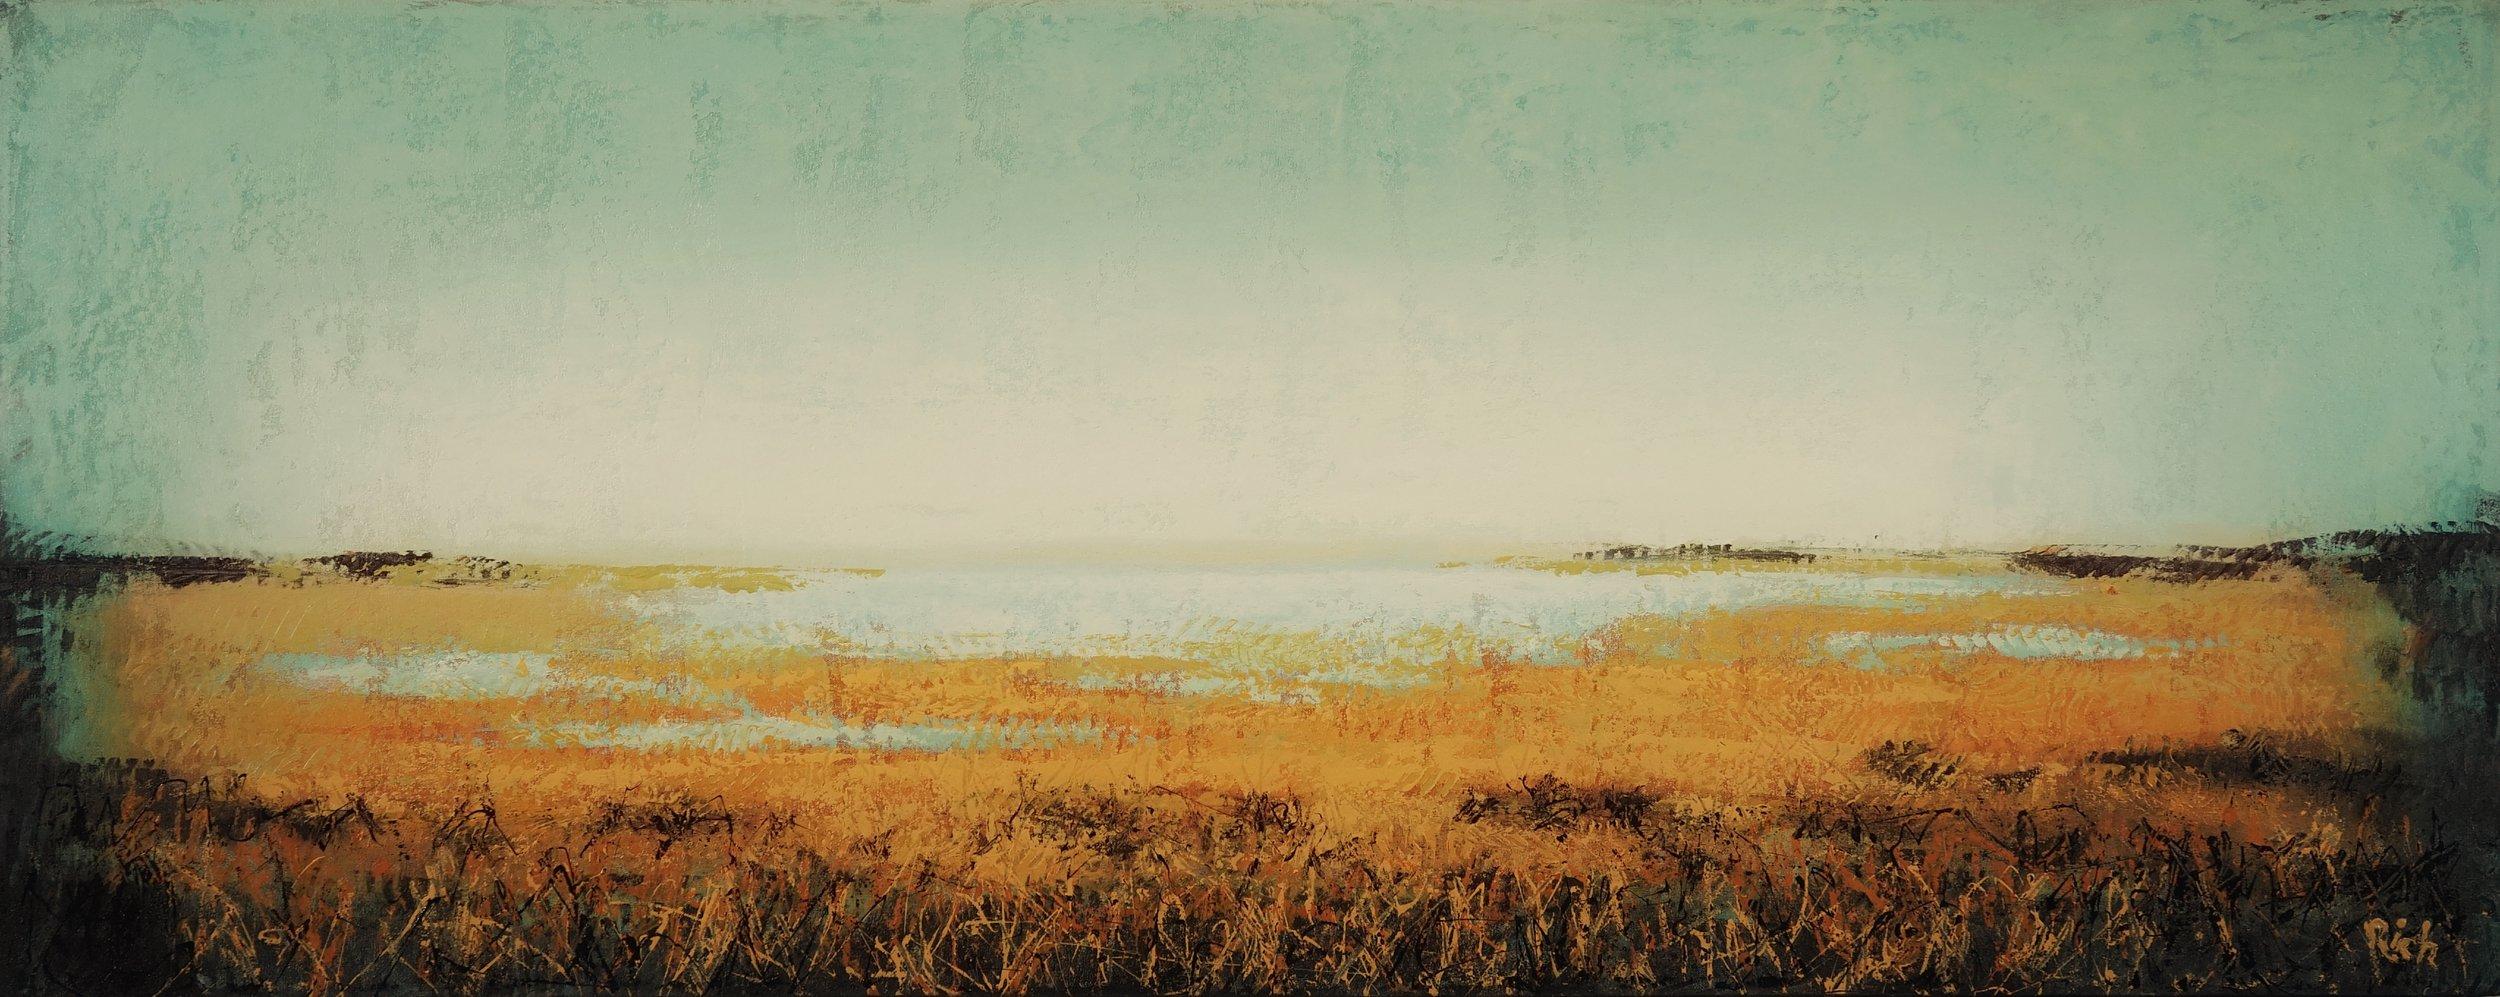 Marsh Glow  Acrylic on canvas 60x24